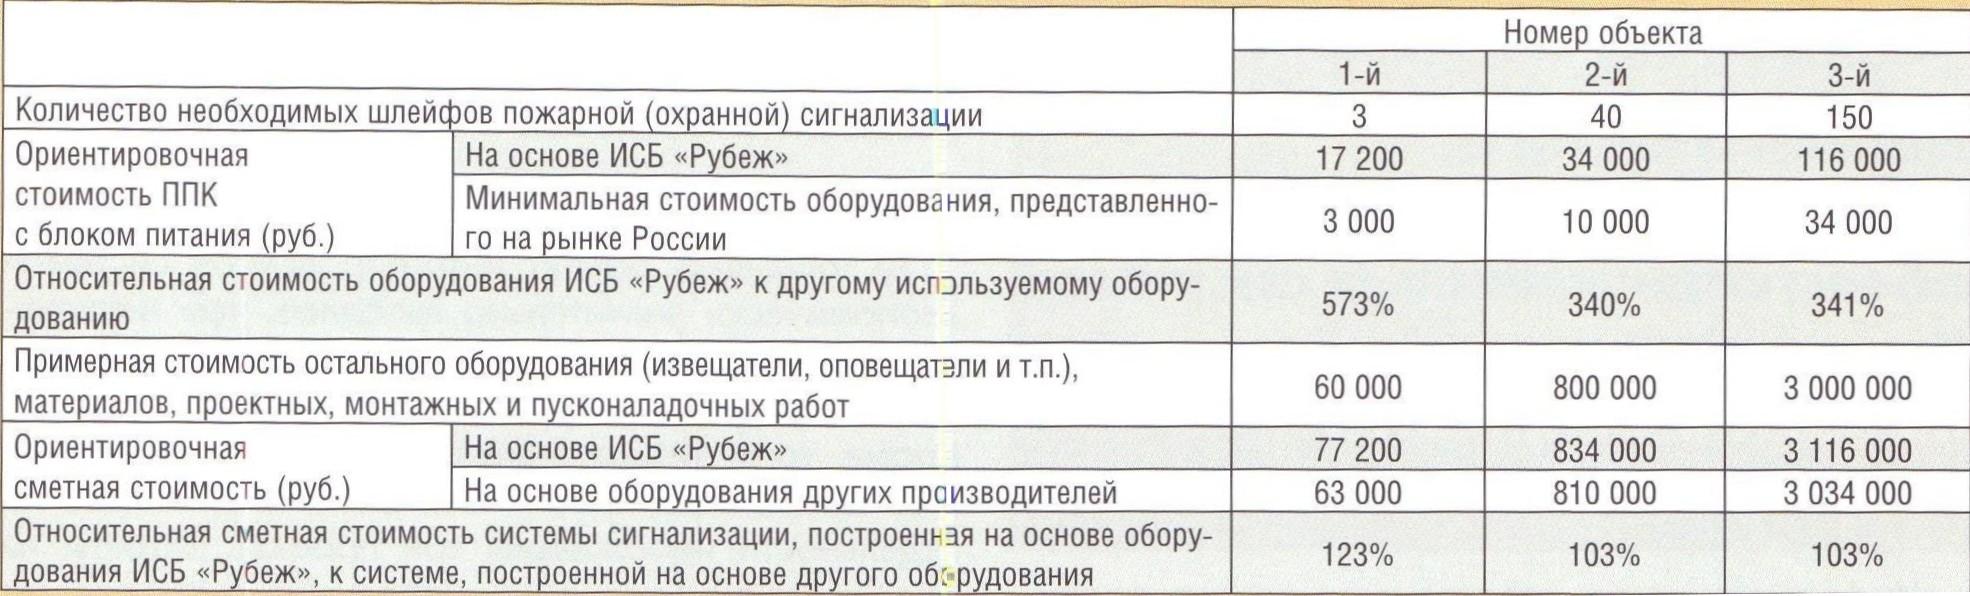 простейшие оранные системы: